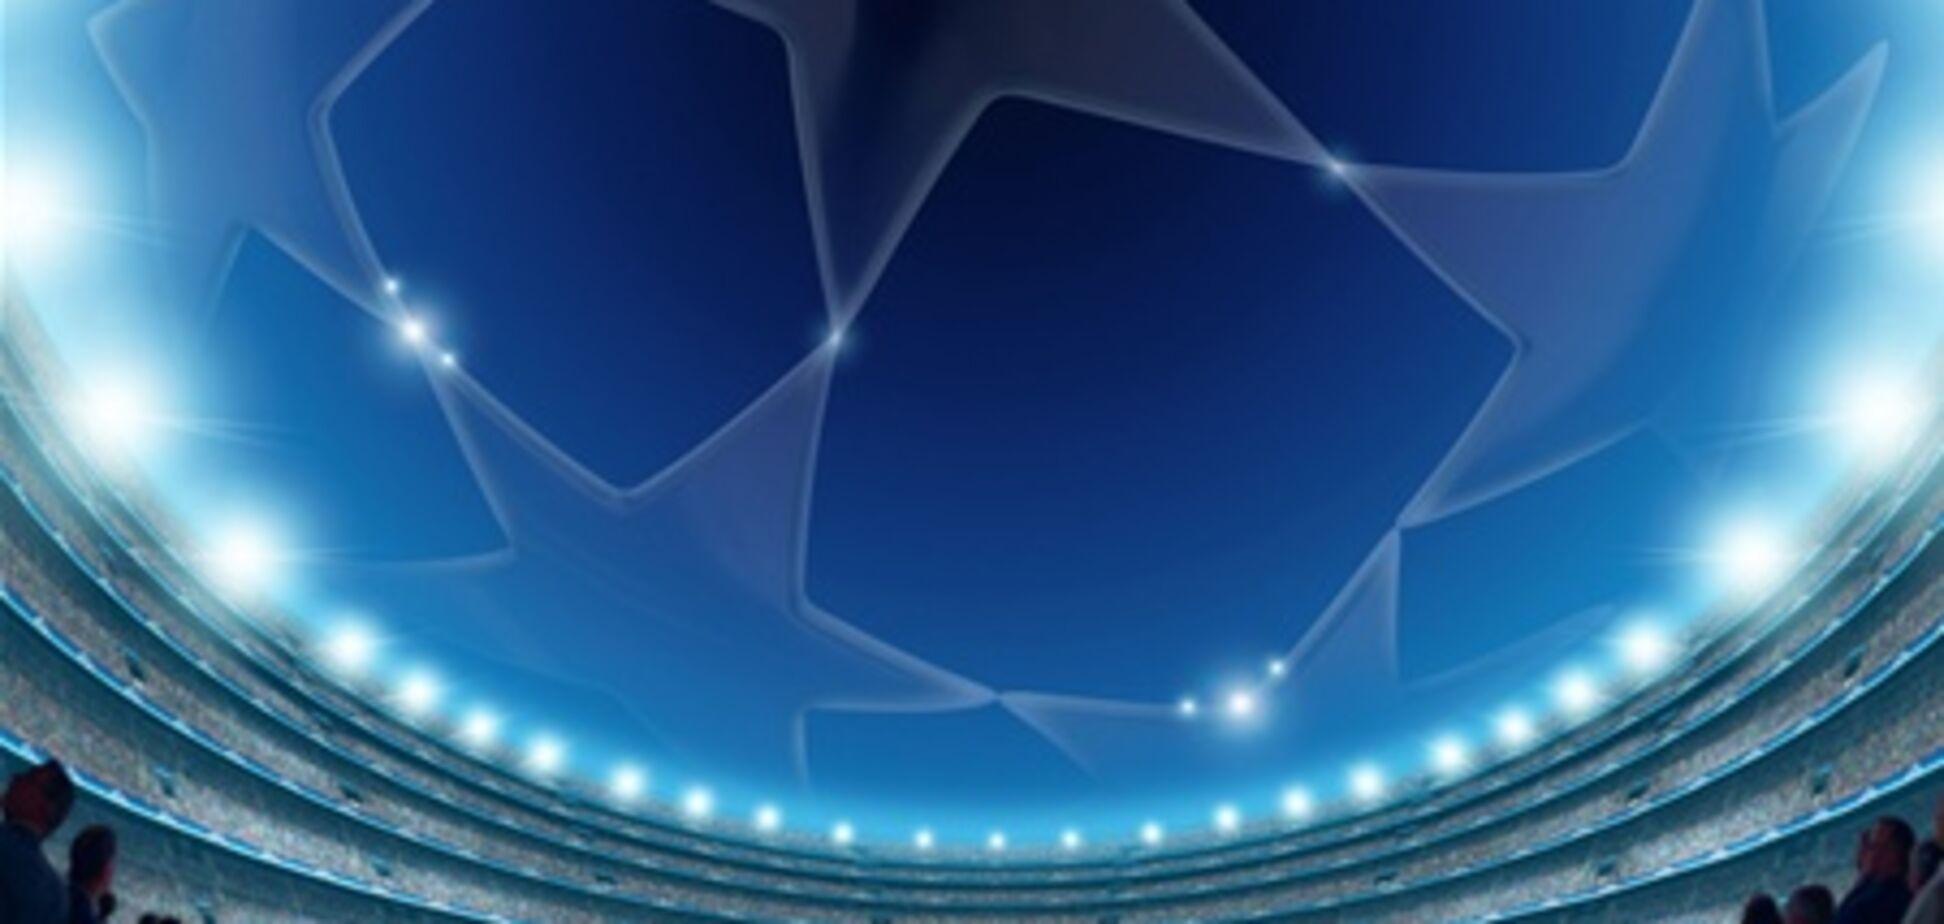 Лига чемпионов. Анонс матчей вторника и расписание трансляций, 13 сентября 2011